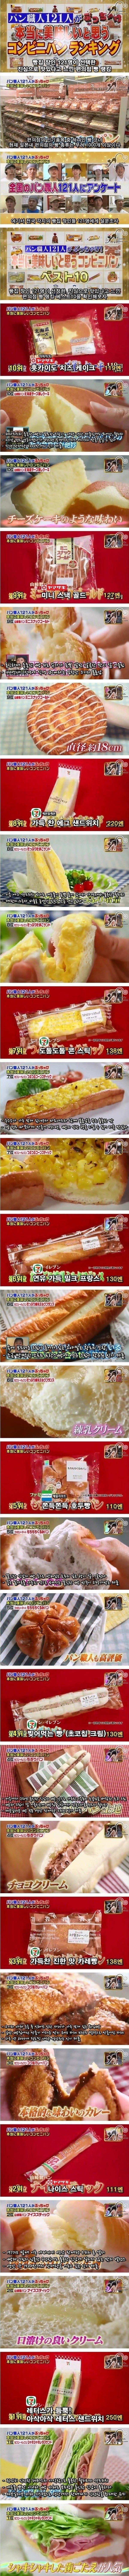 201702_166544980_0.jpg 열도 빵집 장인들이 선택한 편의점 빵